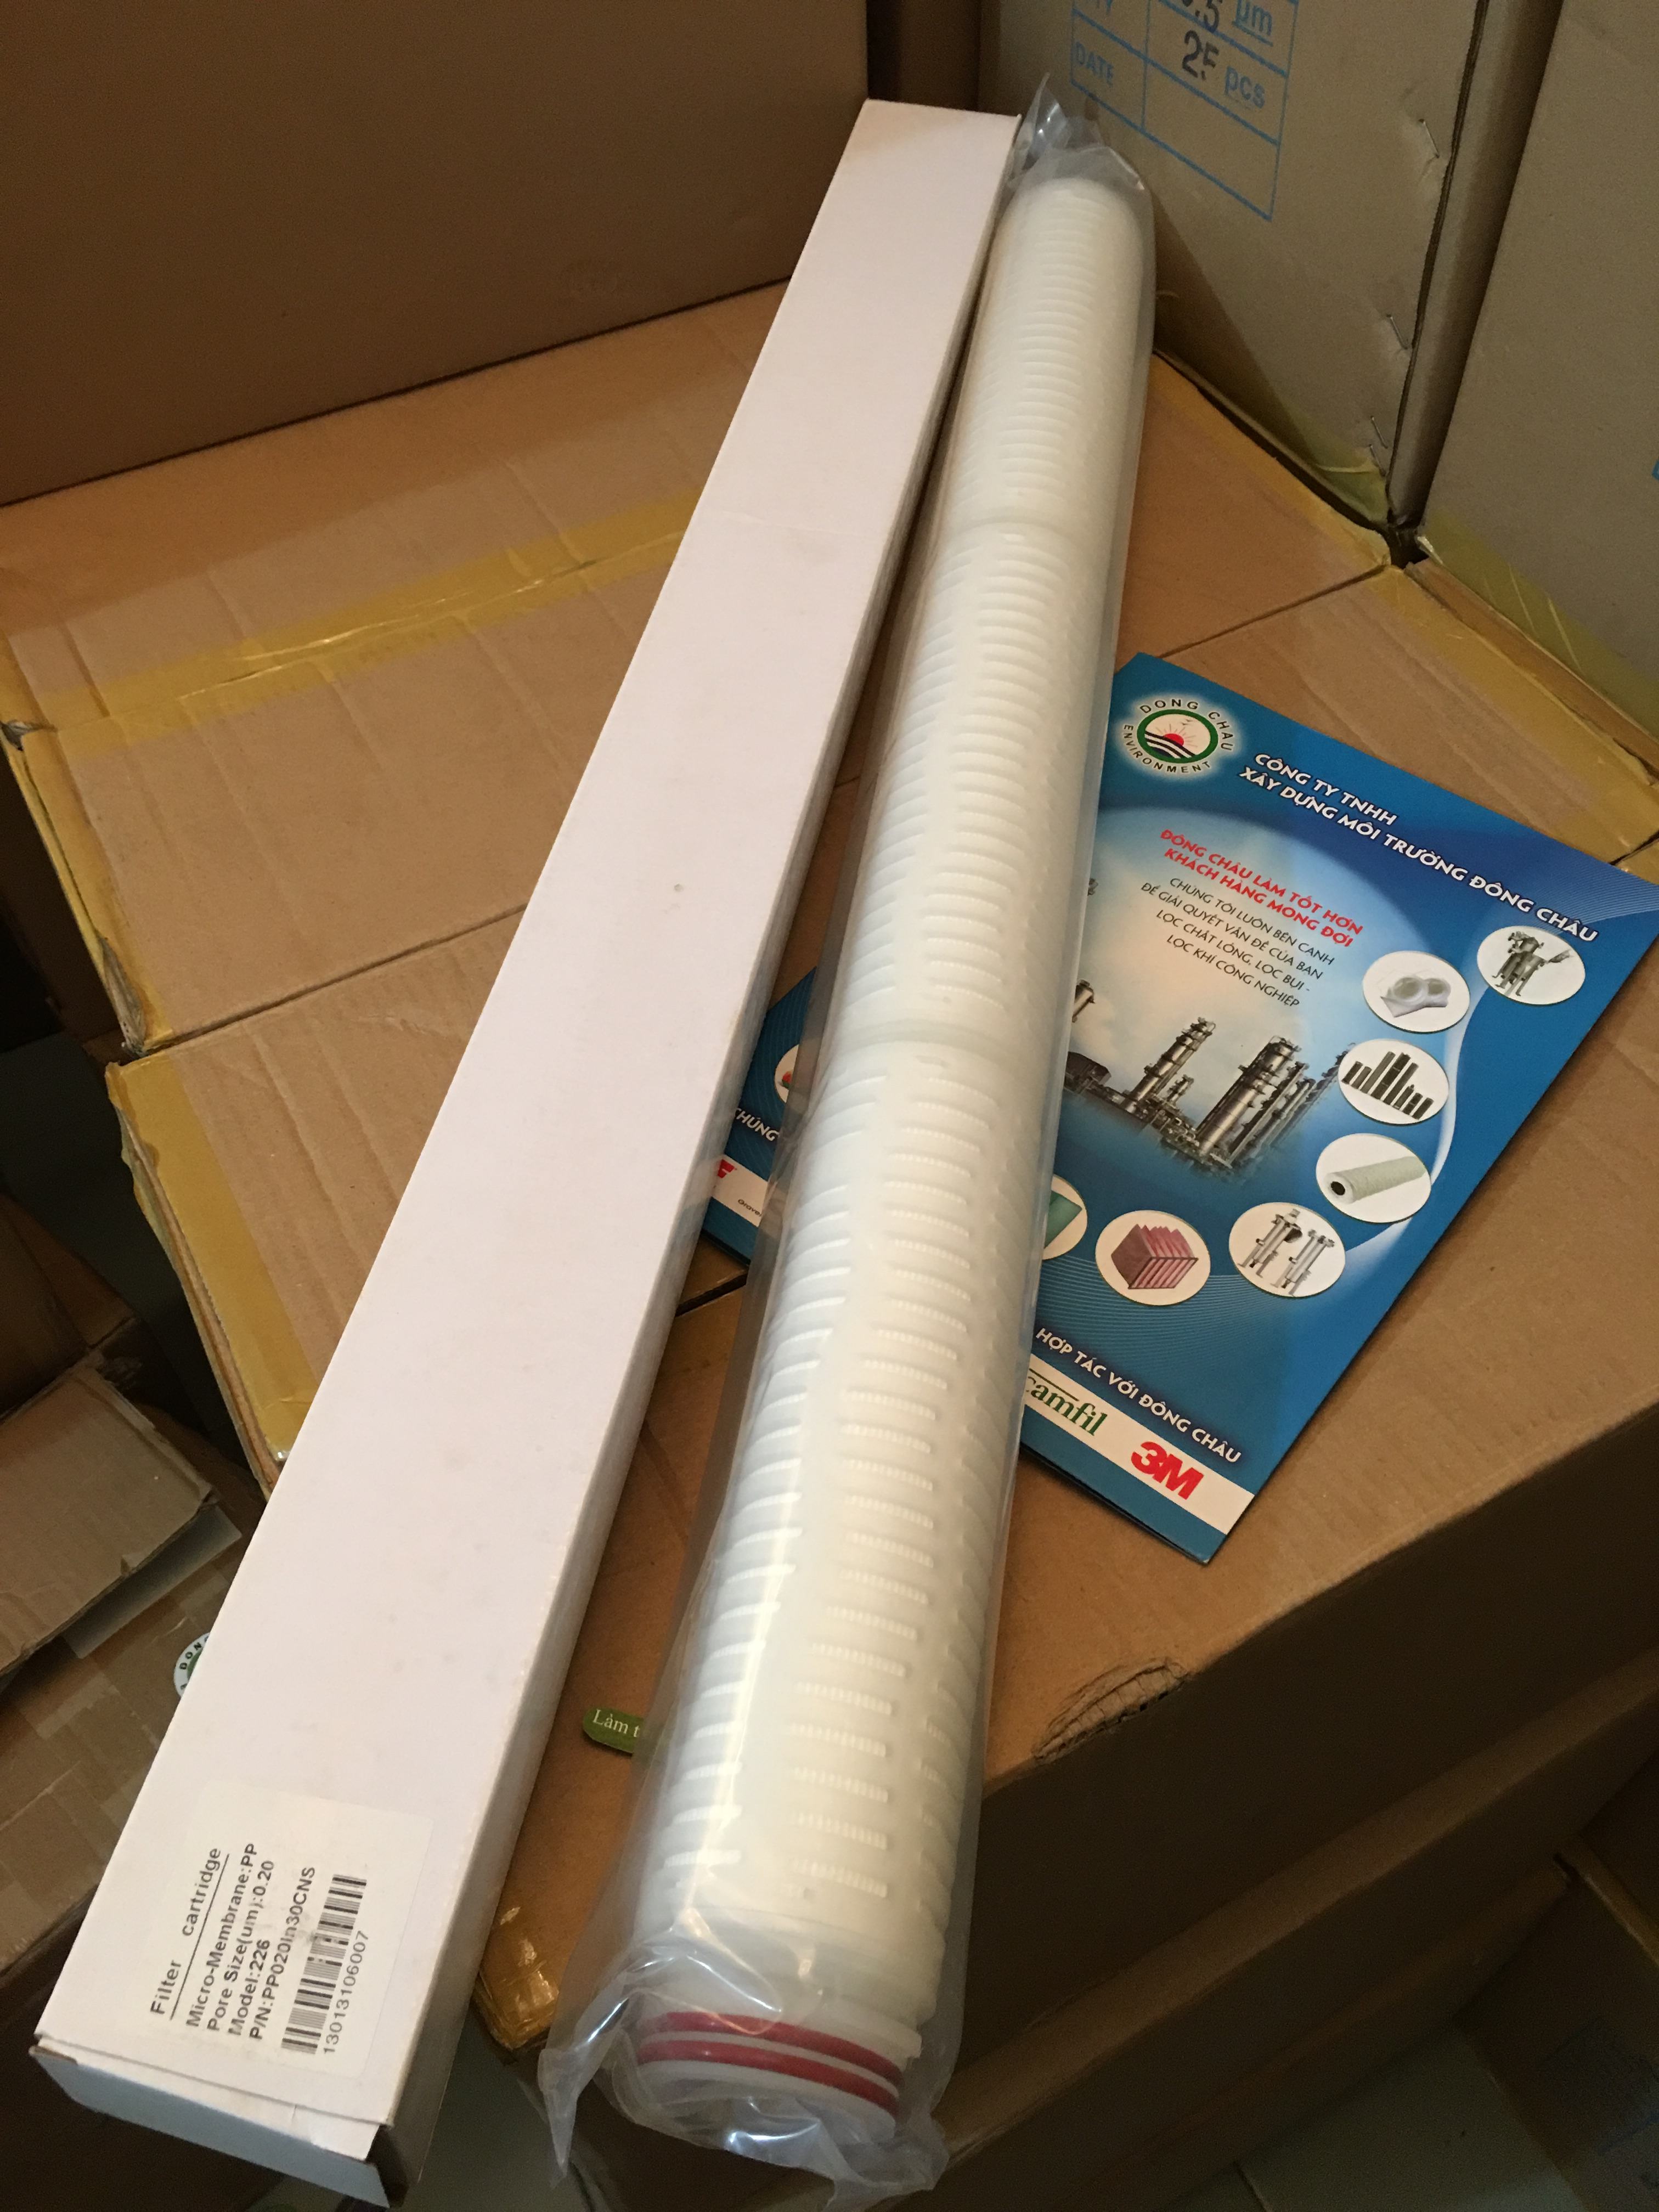 Lõi lọc giấy xếp 0.2 micron 30 inch oring 226